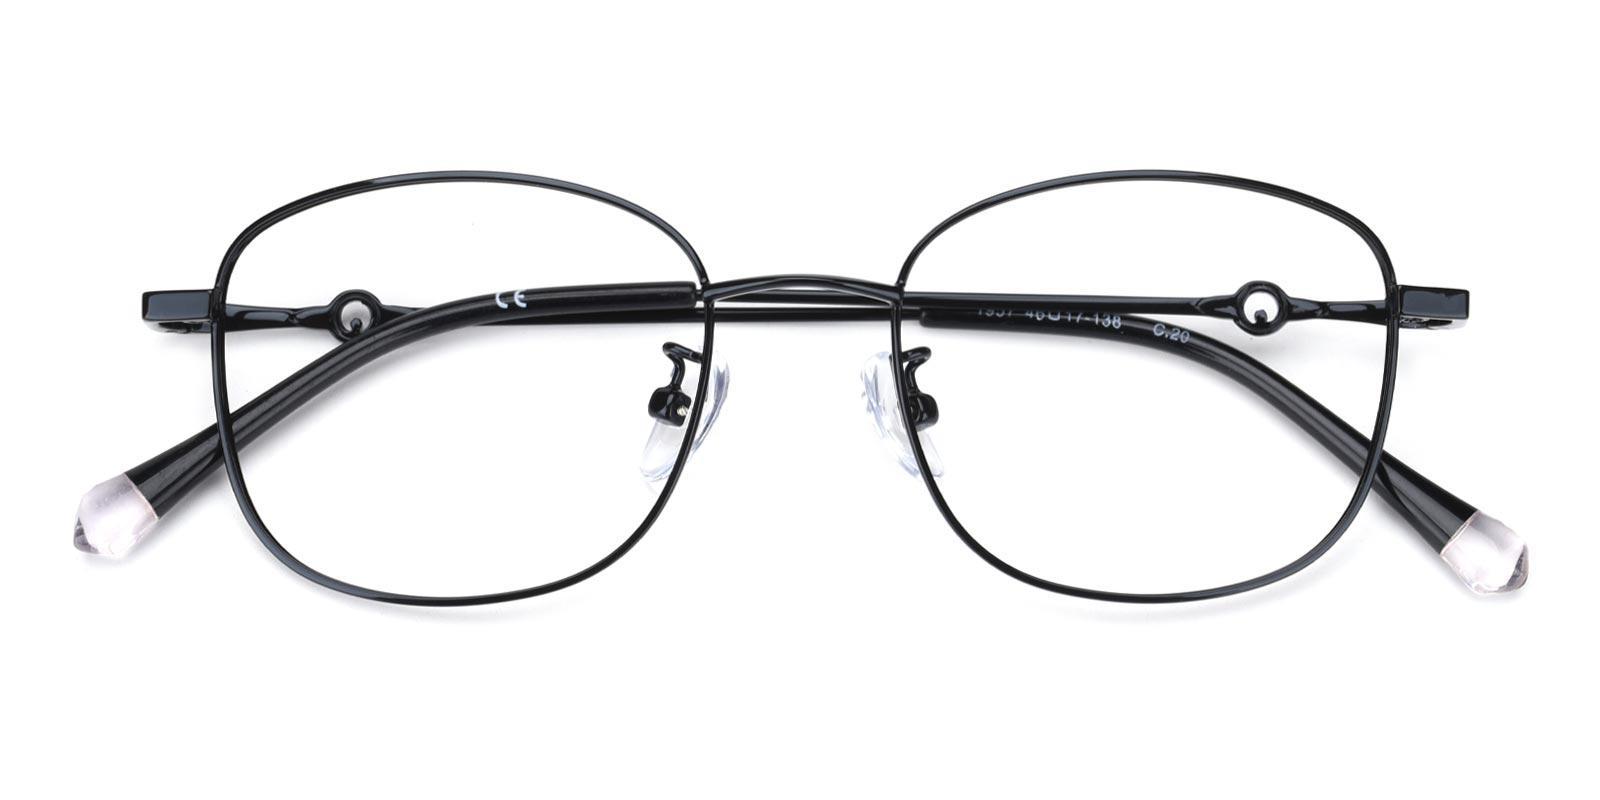 Olga-Black-Rectangle-Metal-Eyeglasses-detail